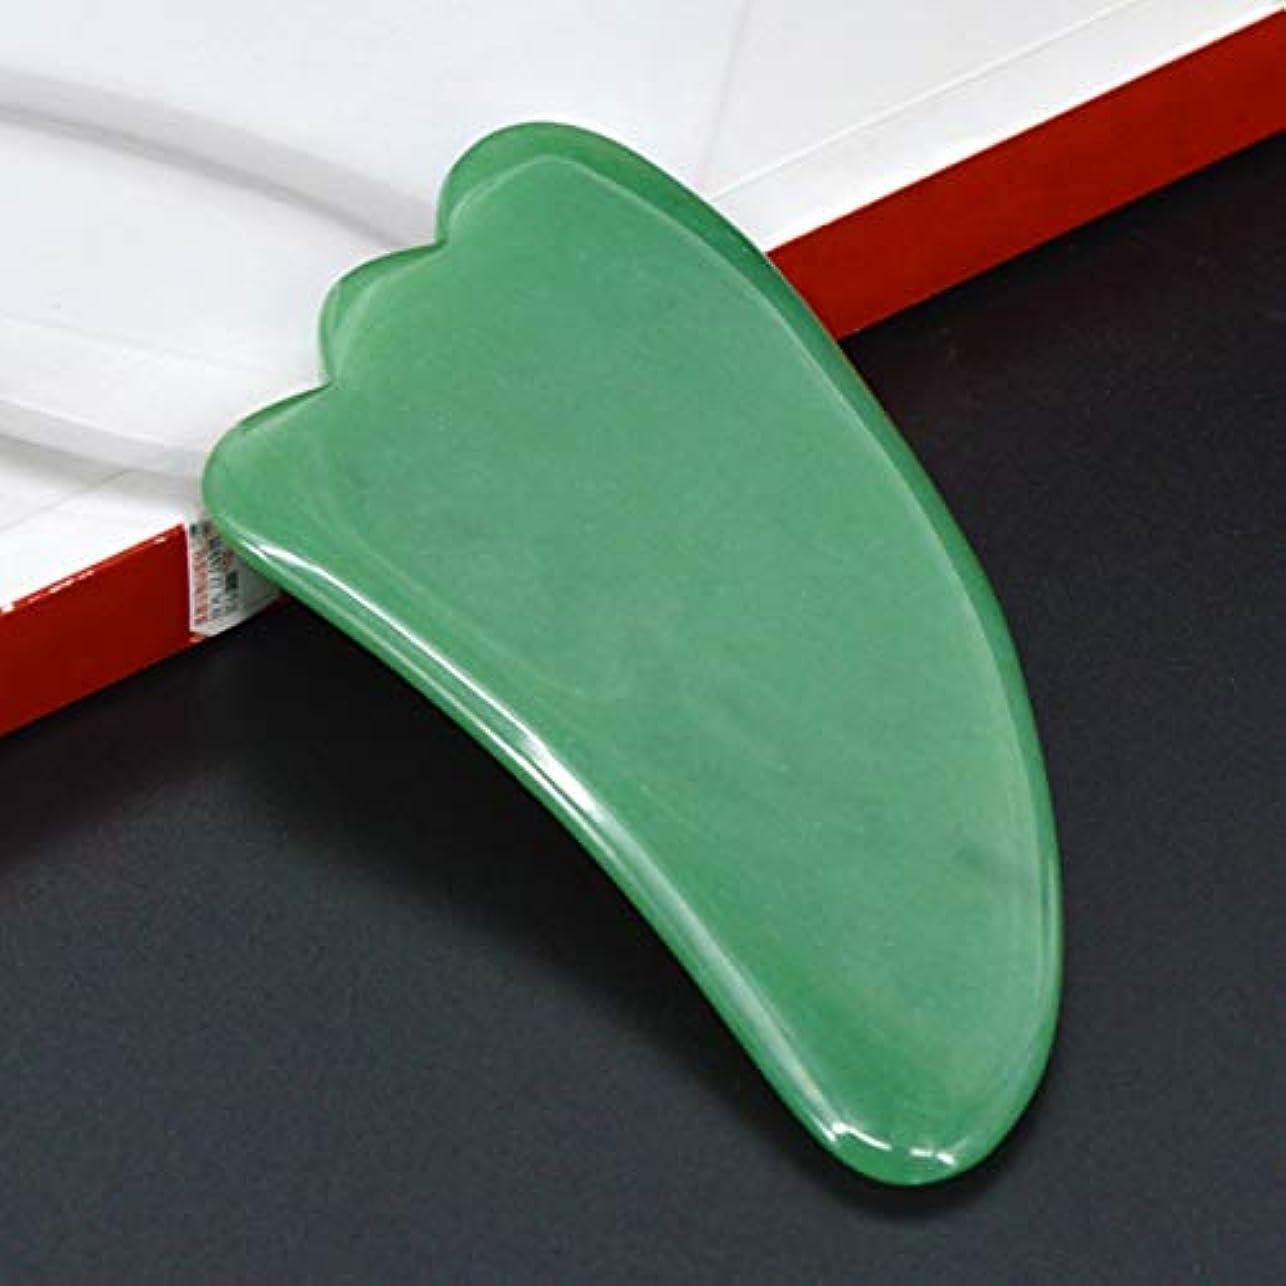 見せます祈り要件Compact Size Gua Sha Facial Treatment Massage Tool Chinese Natural Jade Scraping Tools Massage Healing Tool